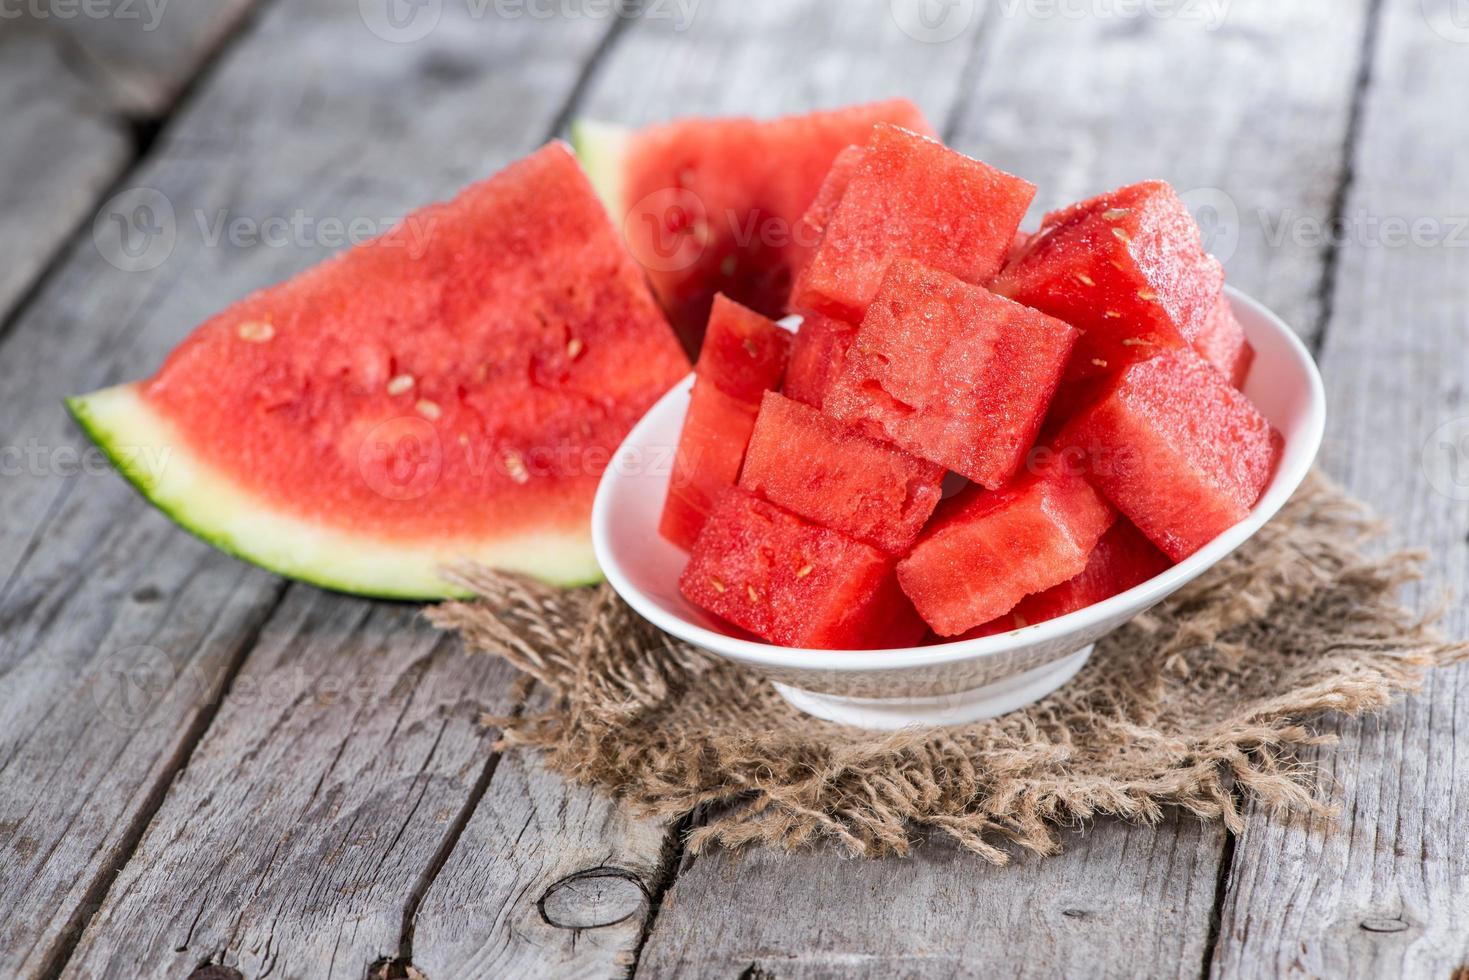 pedaços de melancia foto